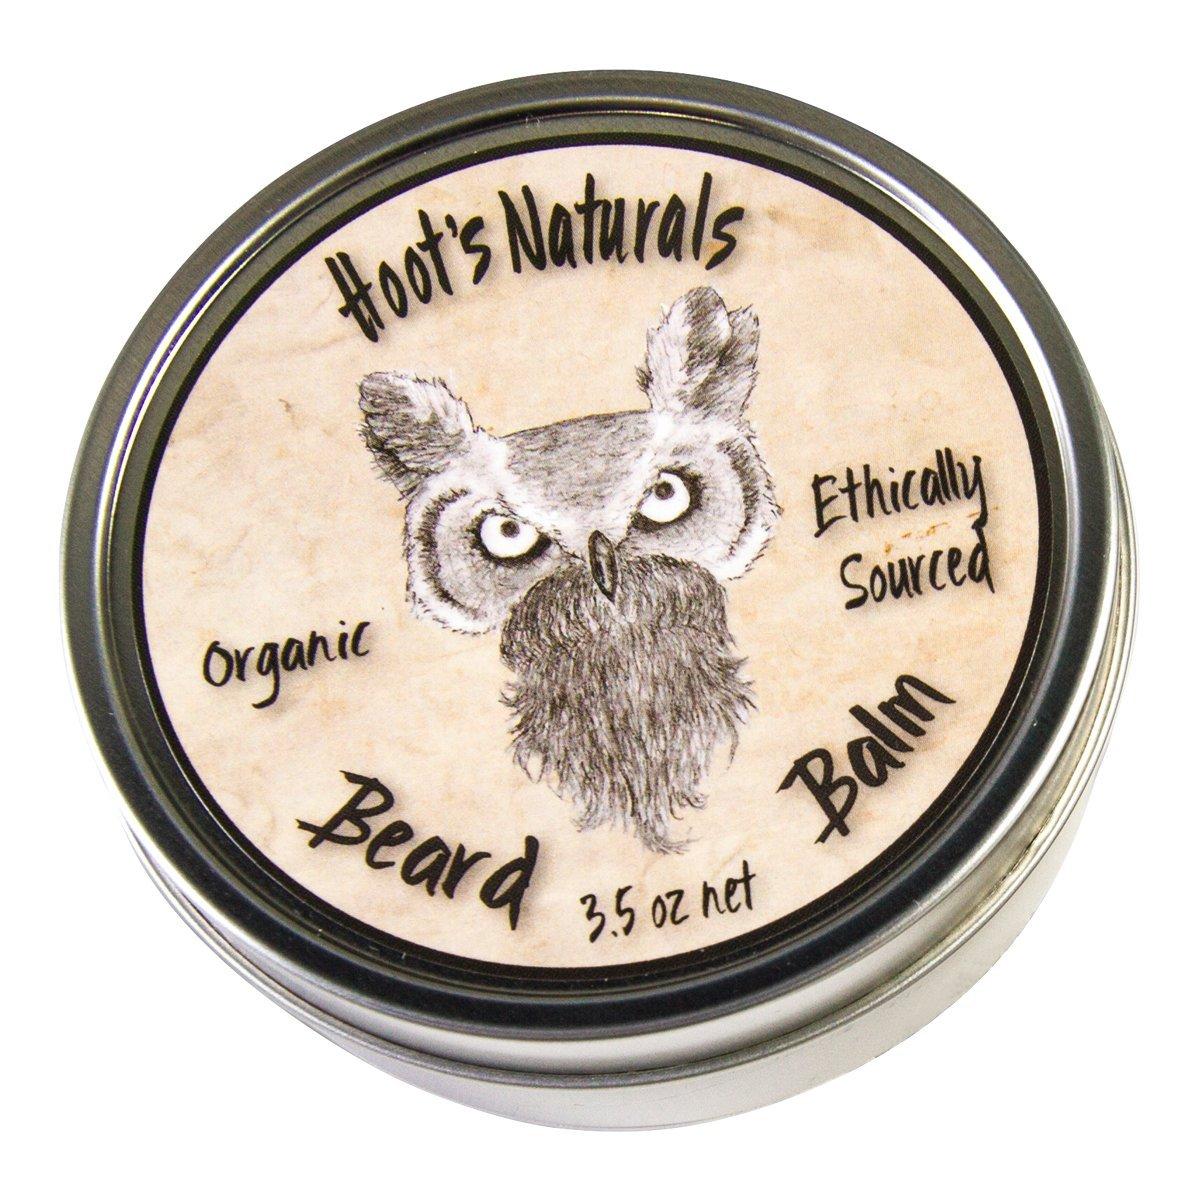 hoot's naturals, 3.5 oz